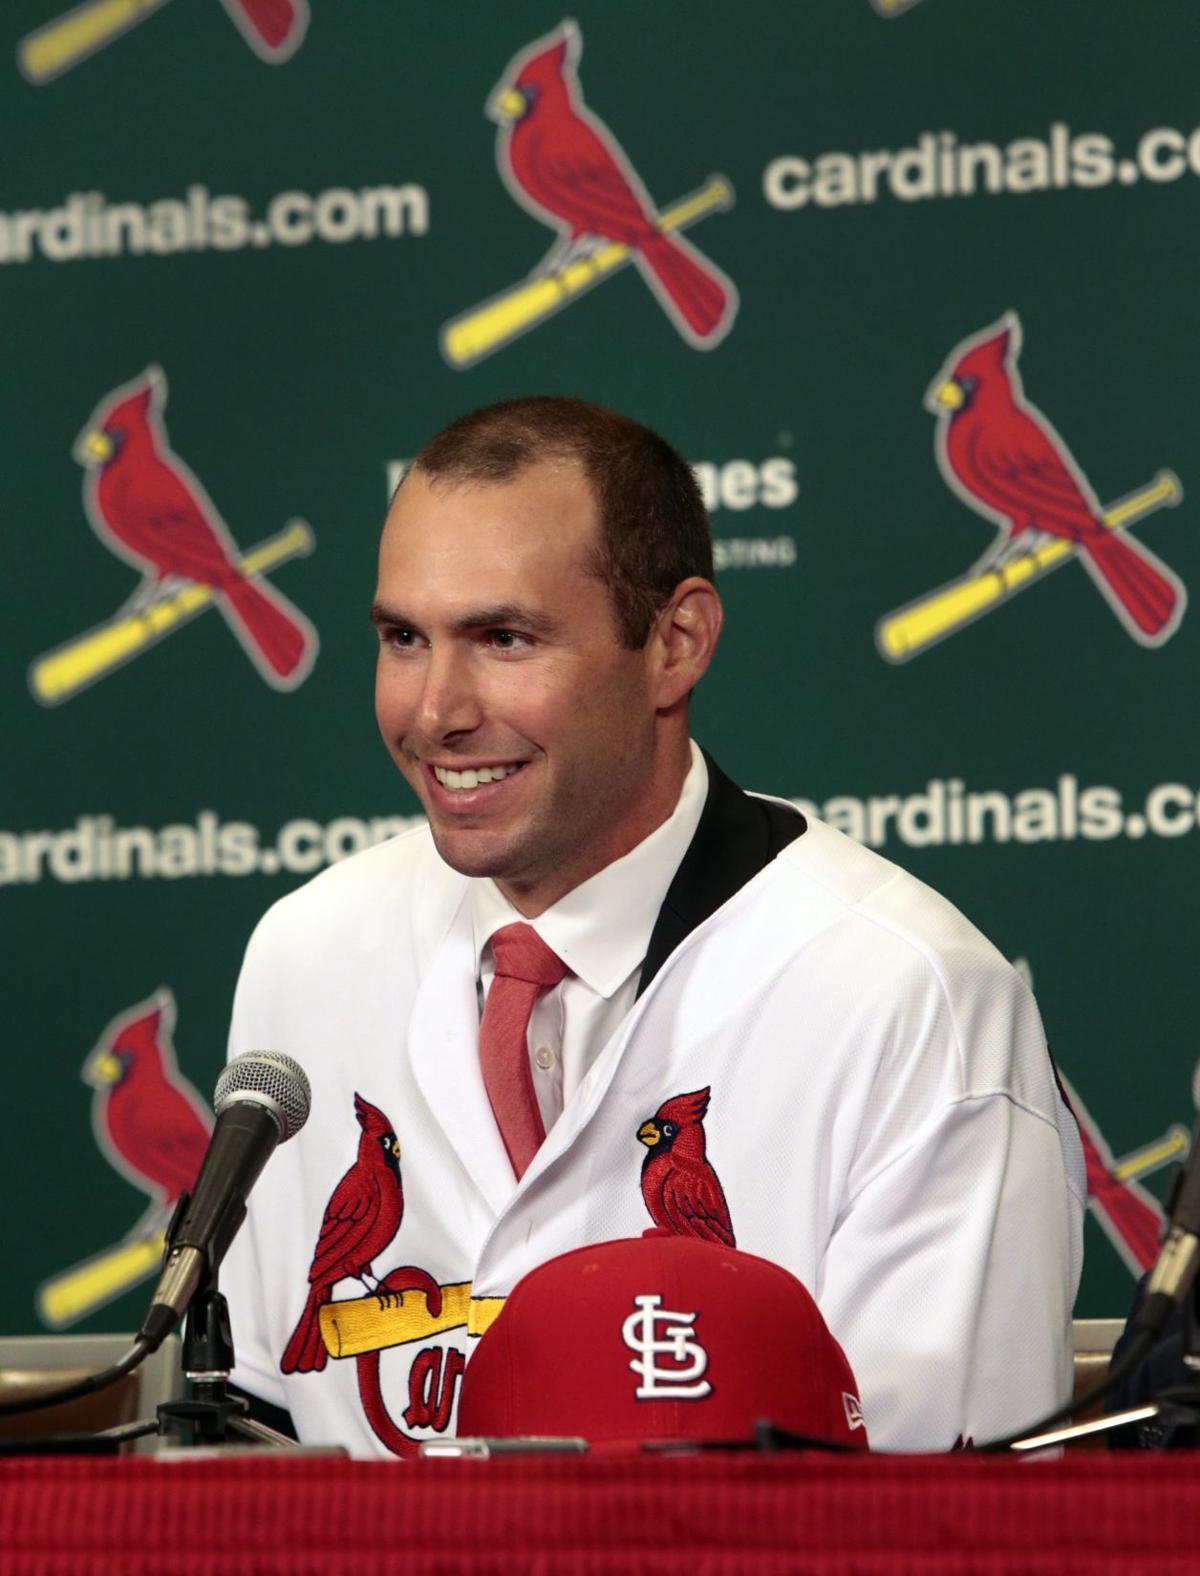 Cardinals-Goldschmidt Bseball